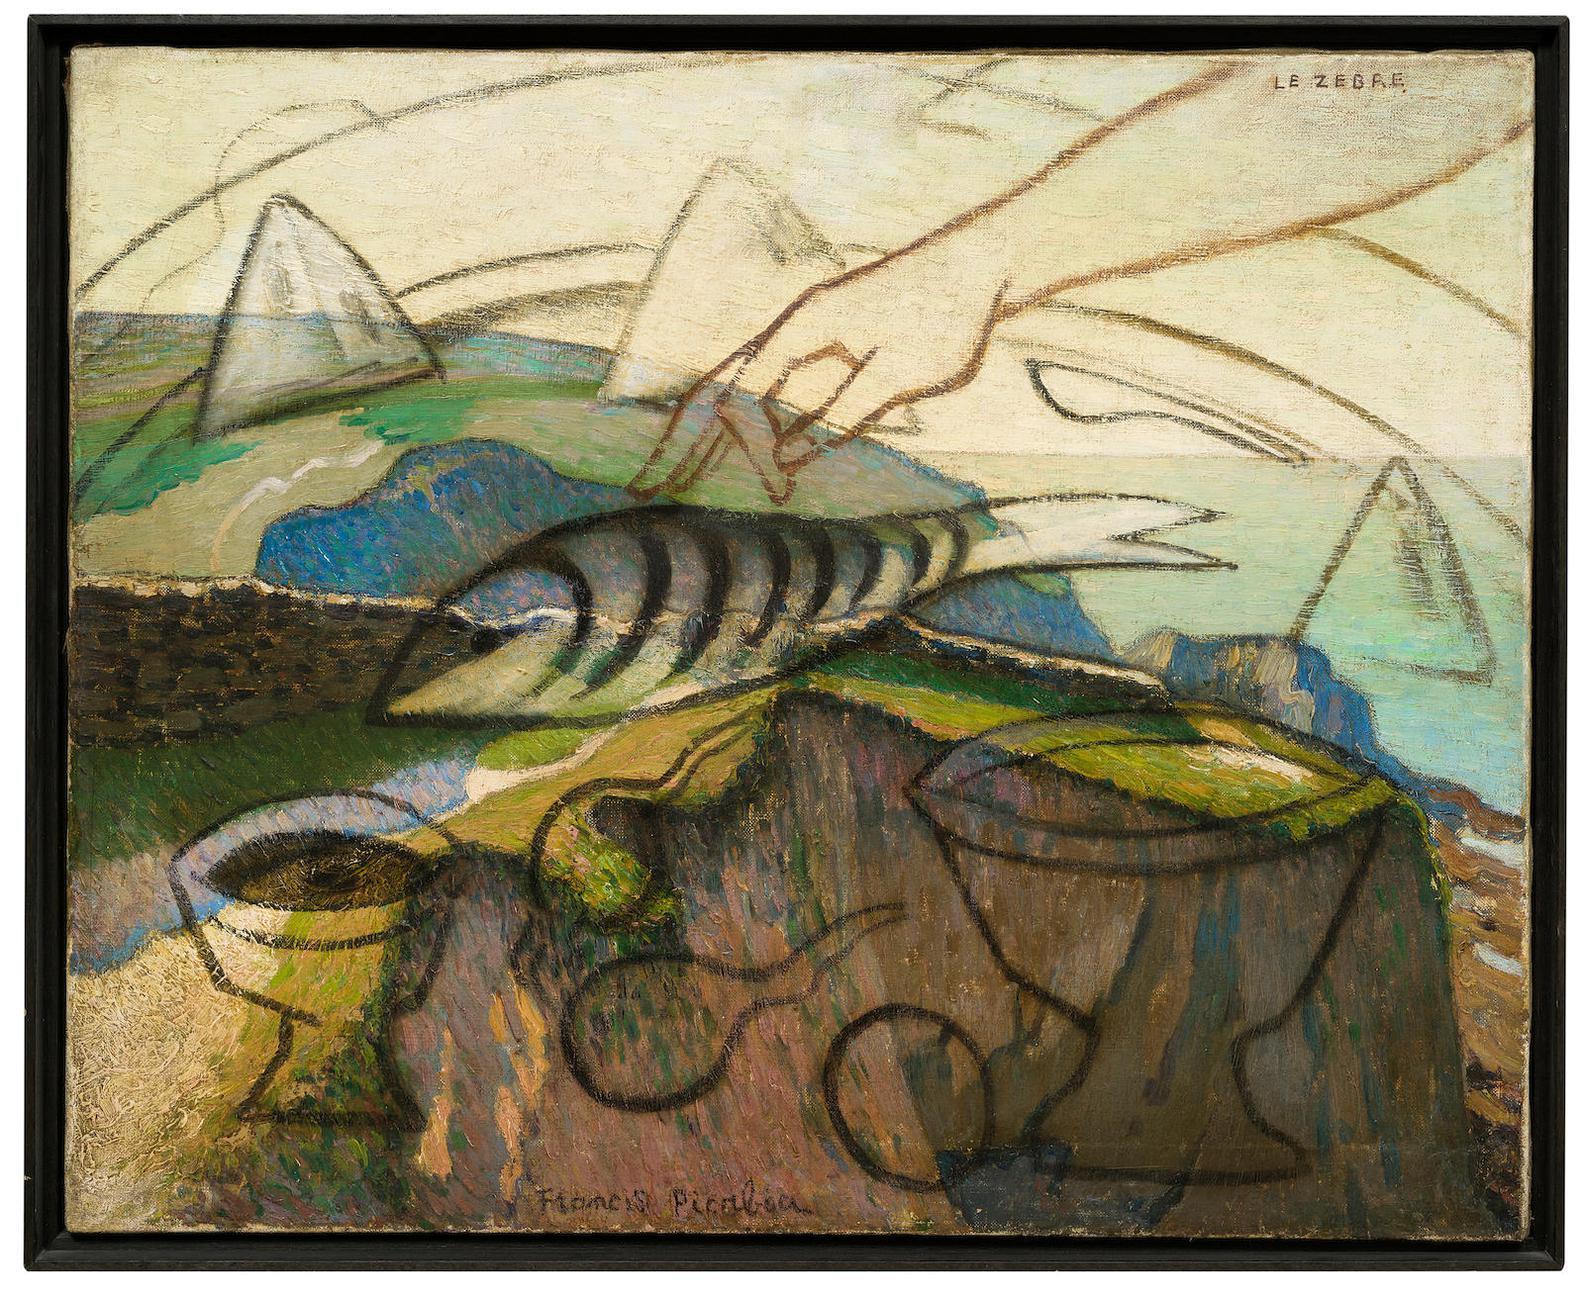 Francis Picabia-Le Zebre-1929